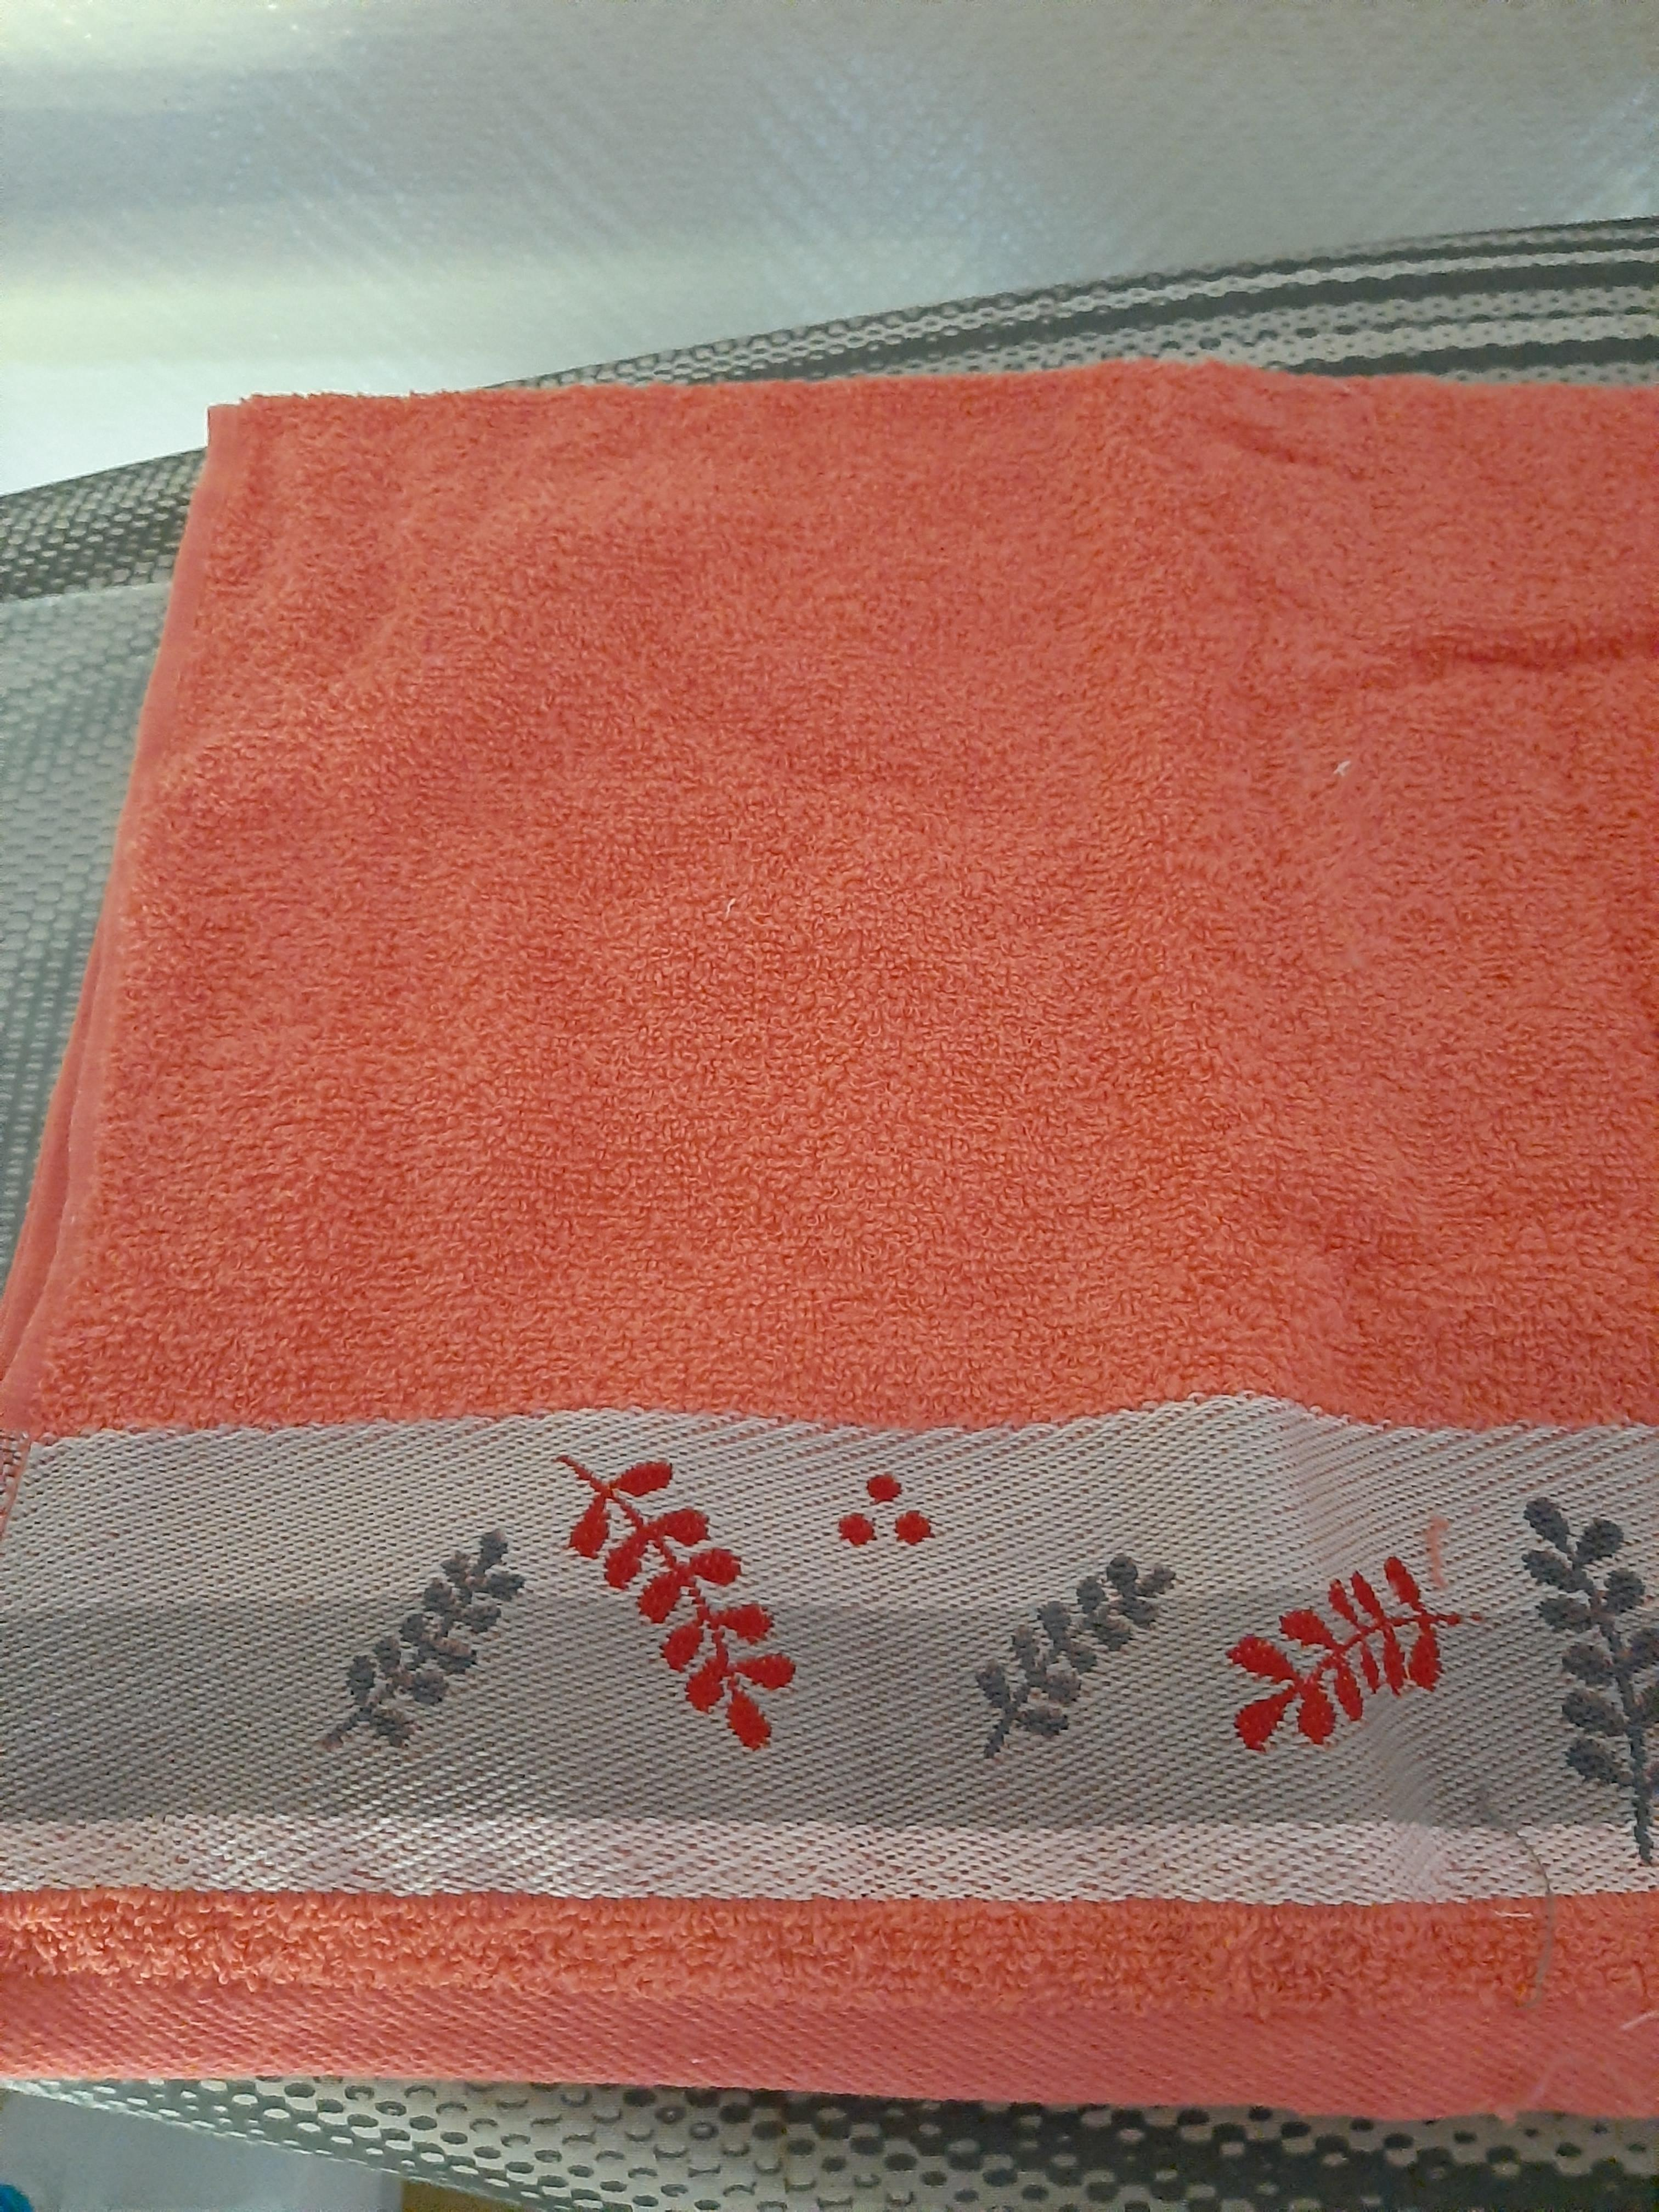 troc de troc serviette de bain image 1